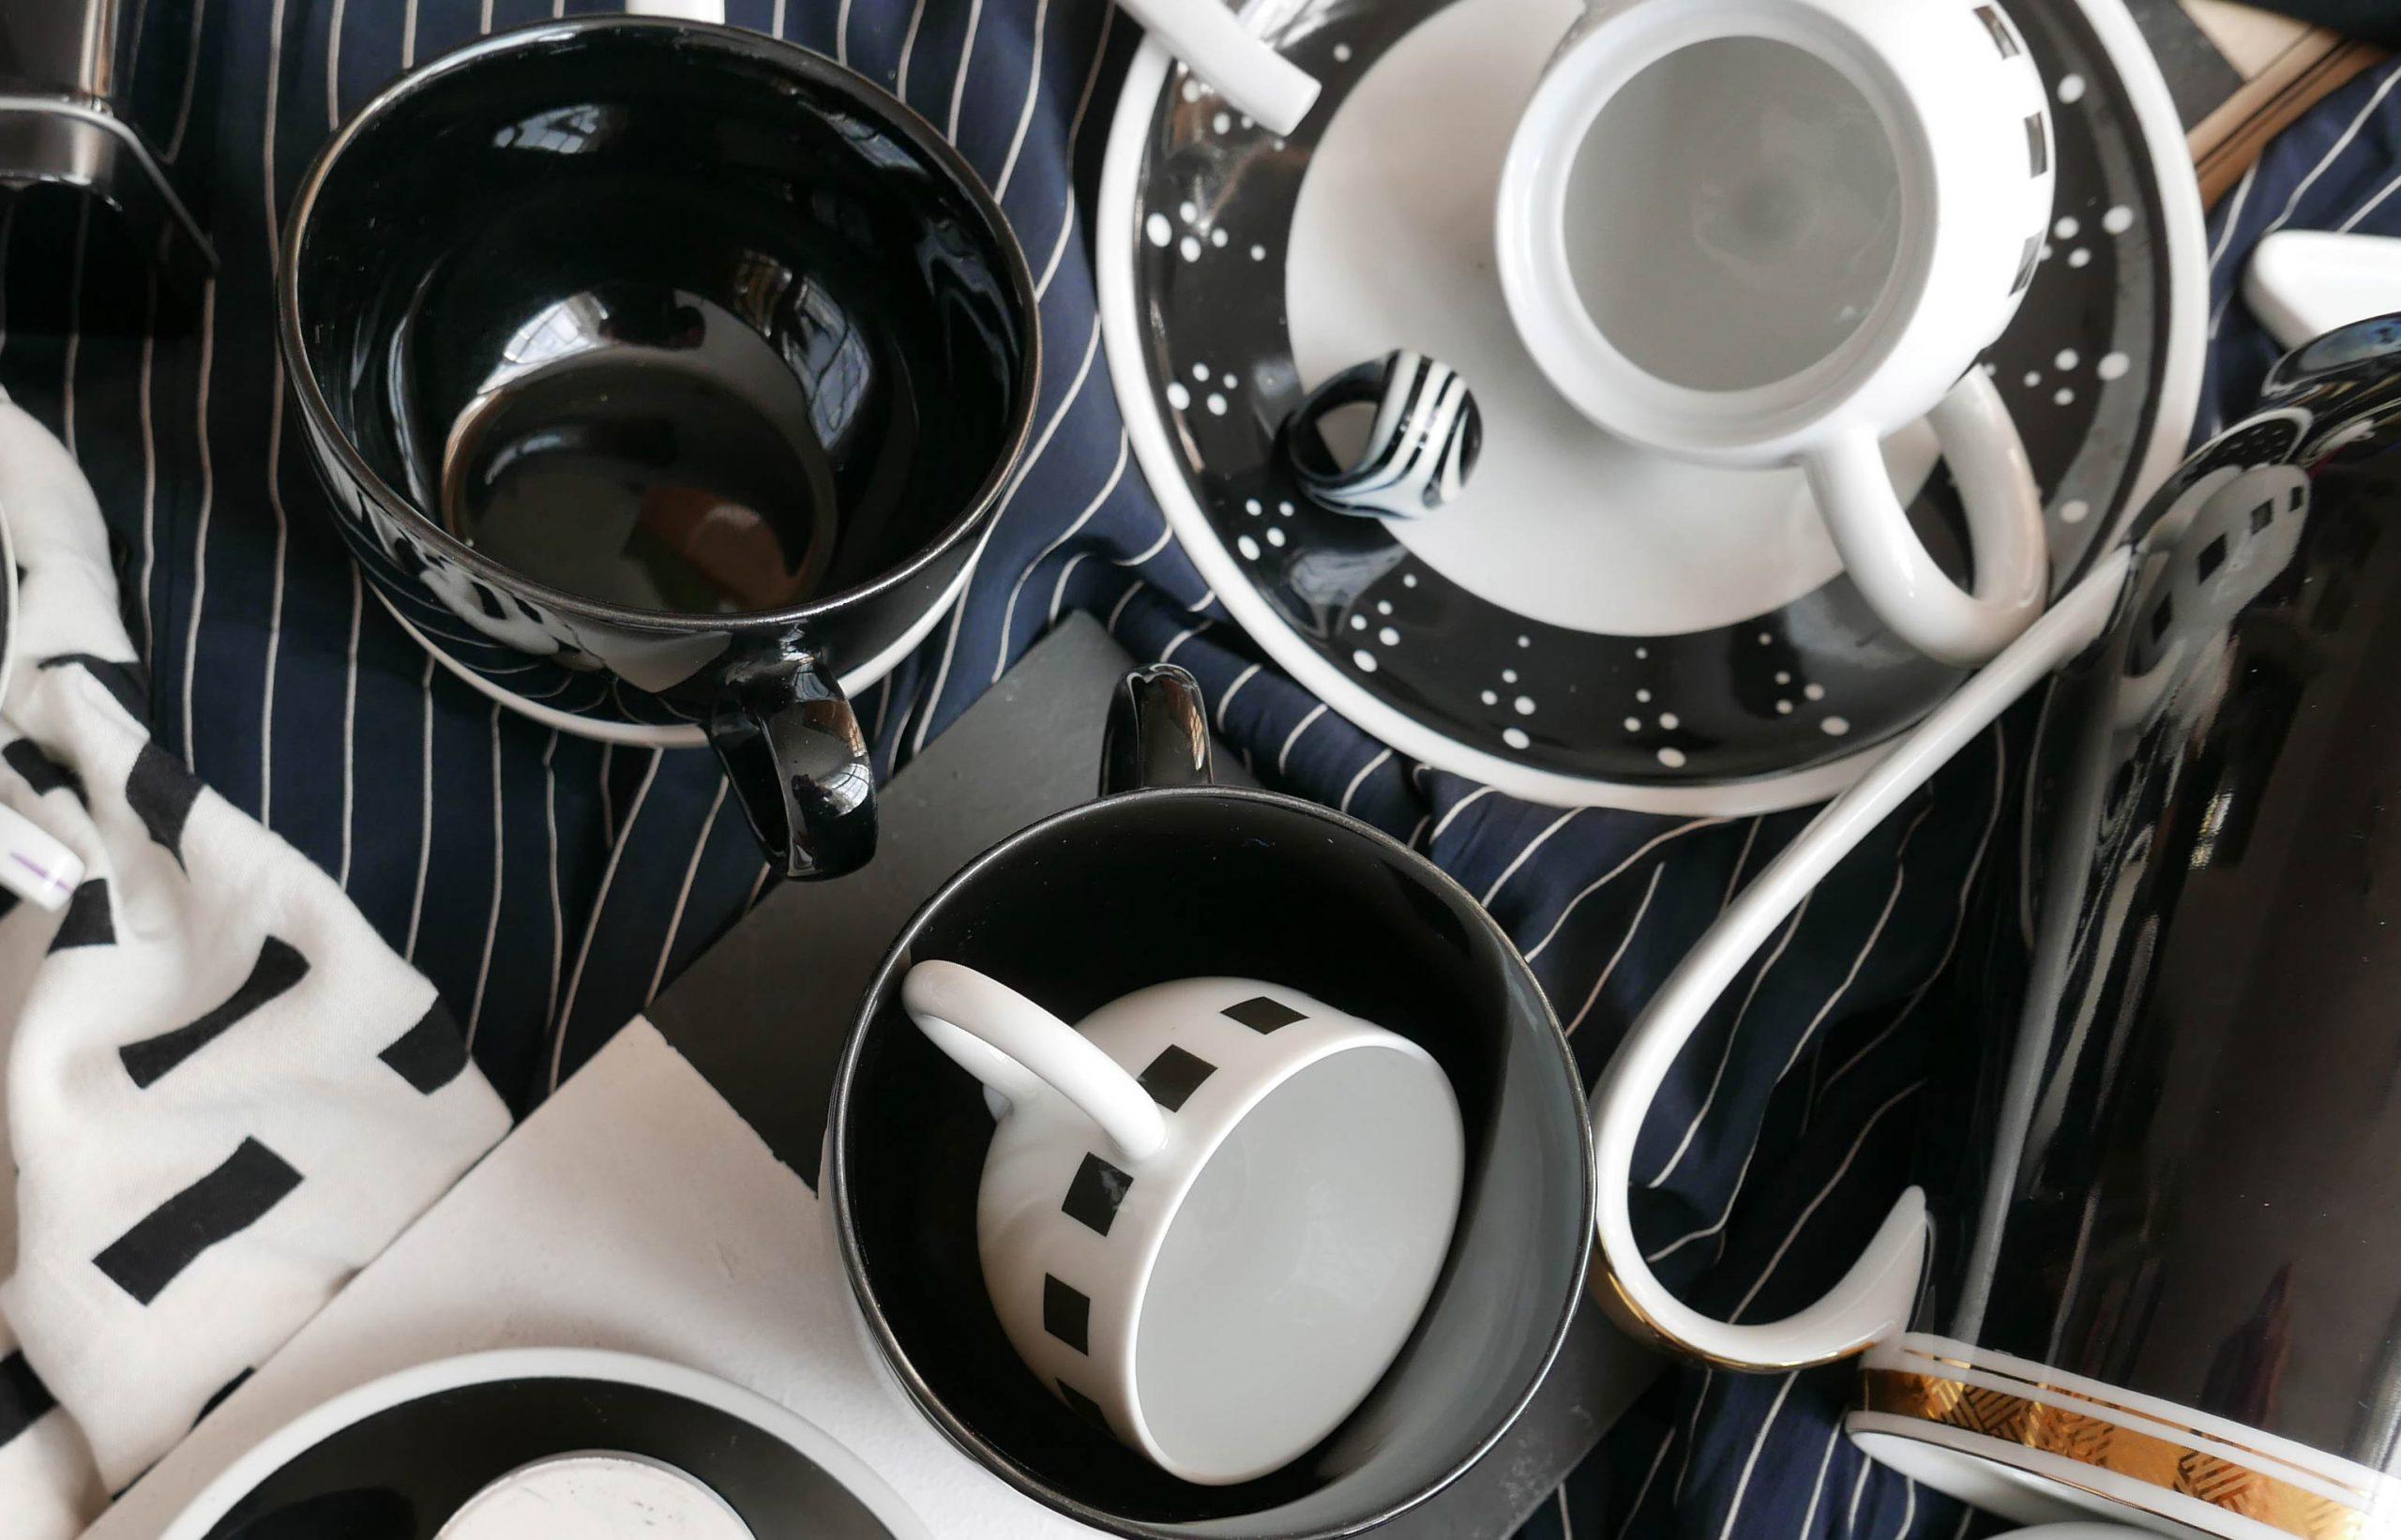 Kontraste in schwarzen und weissen Porzellangefässen